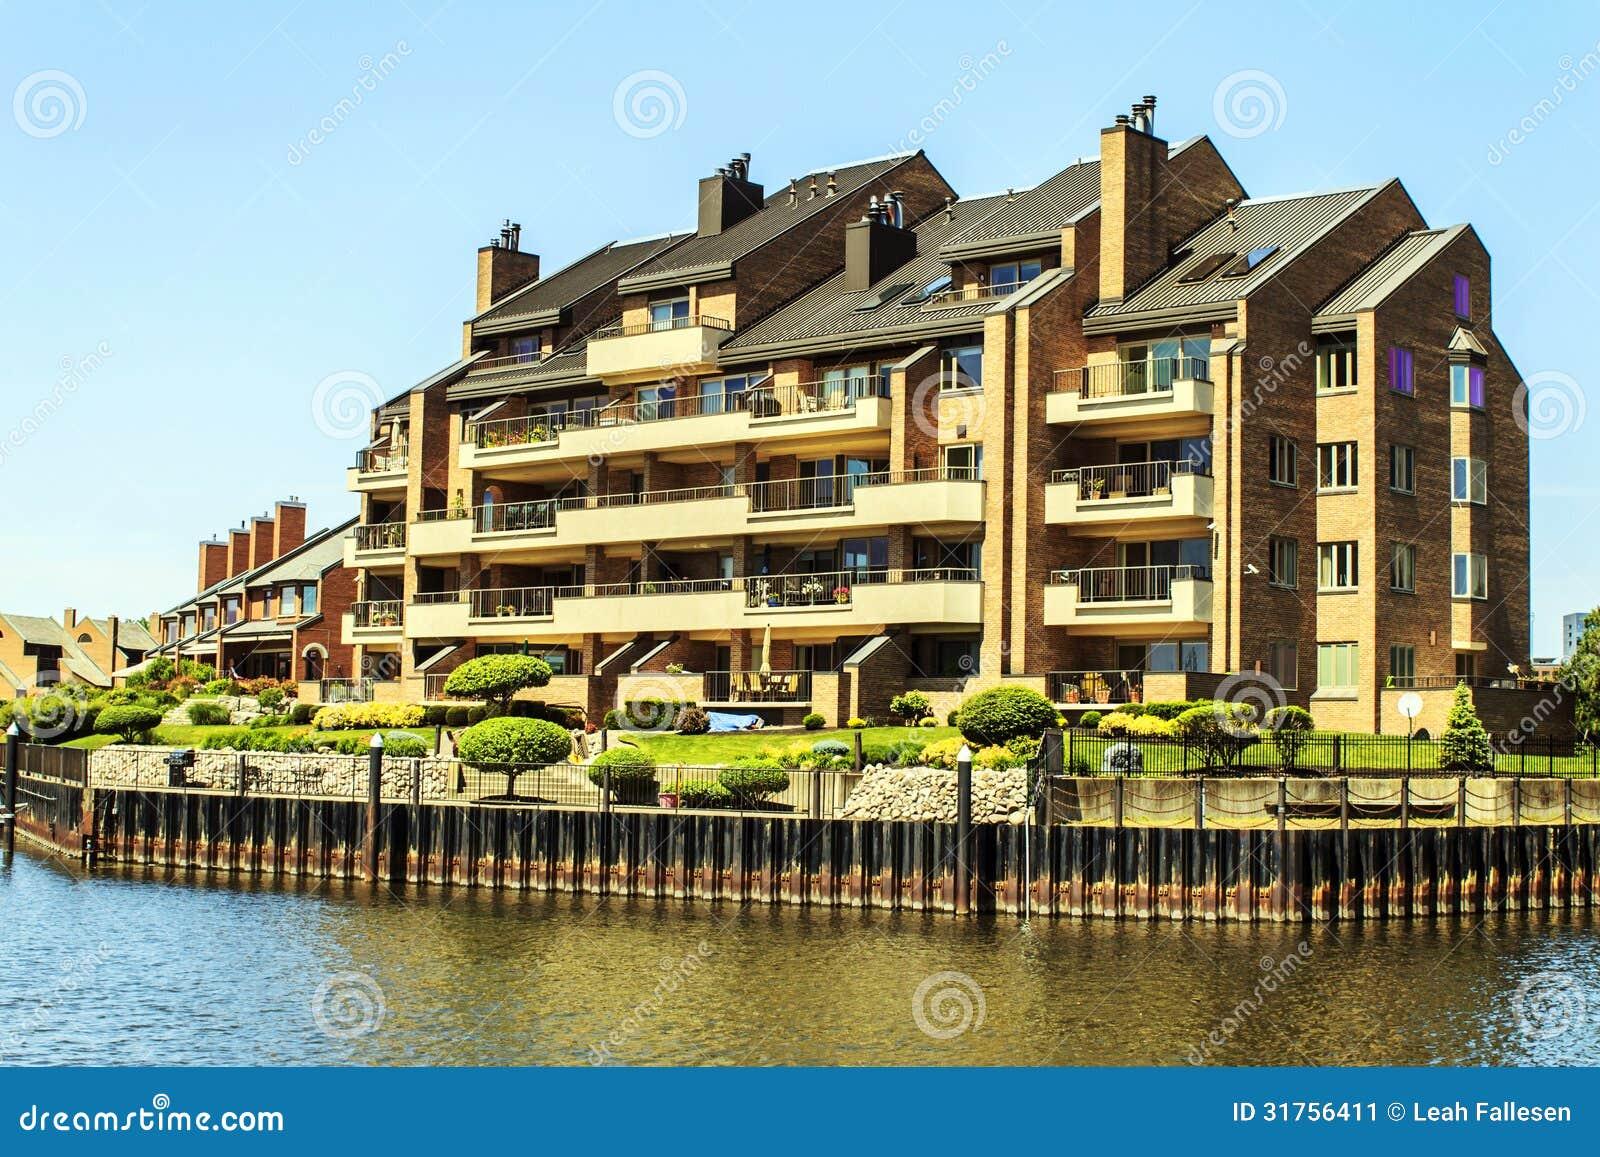 Harbor View Luxury Apartments